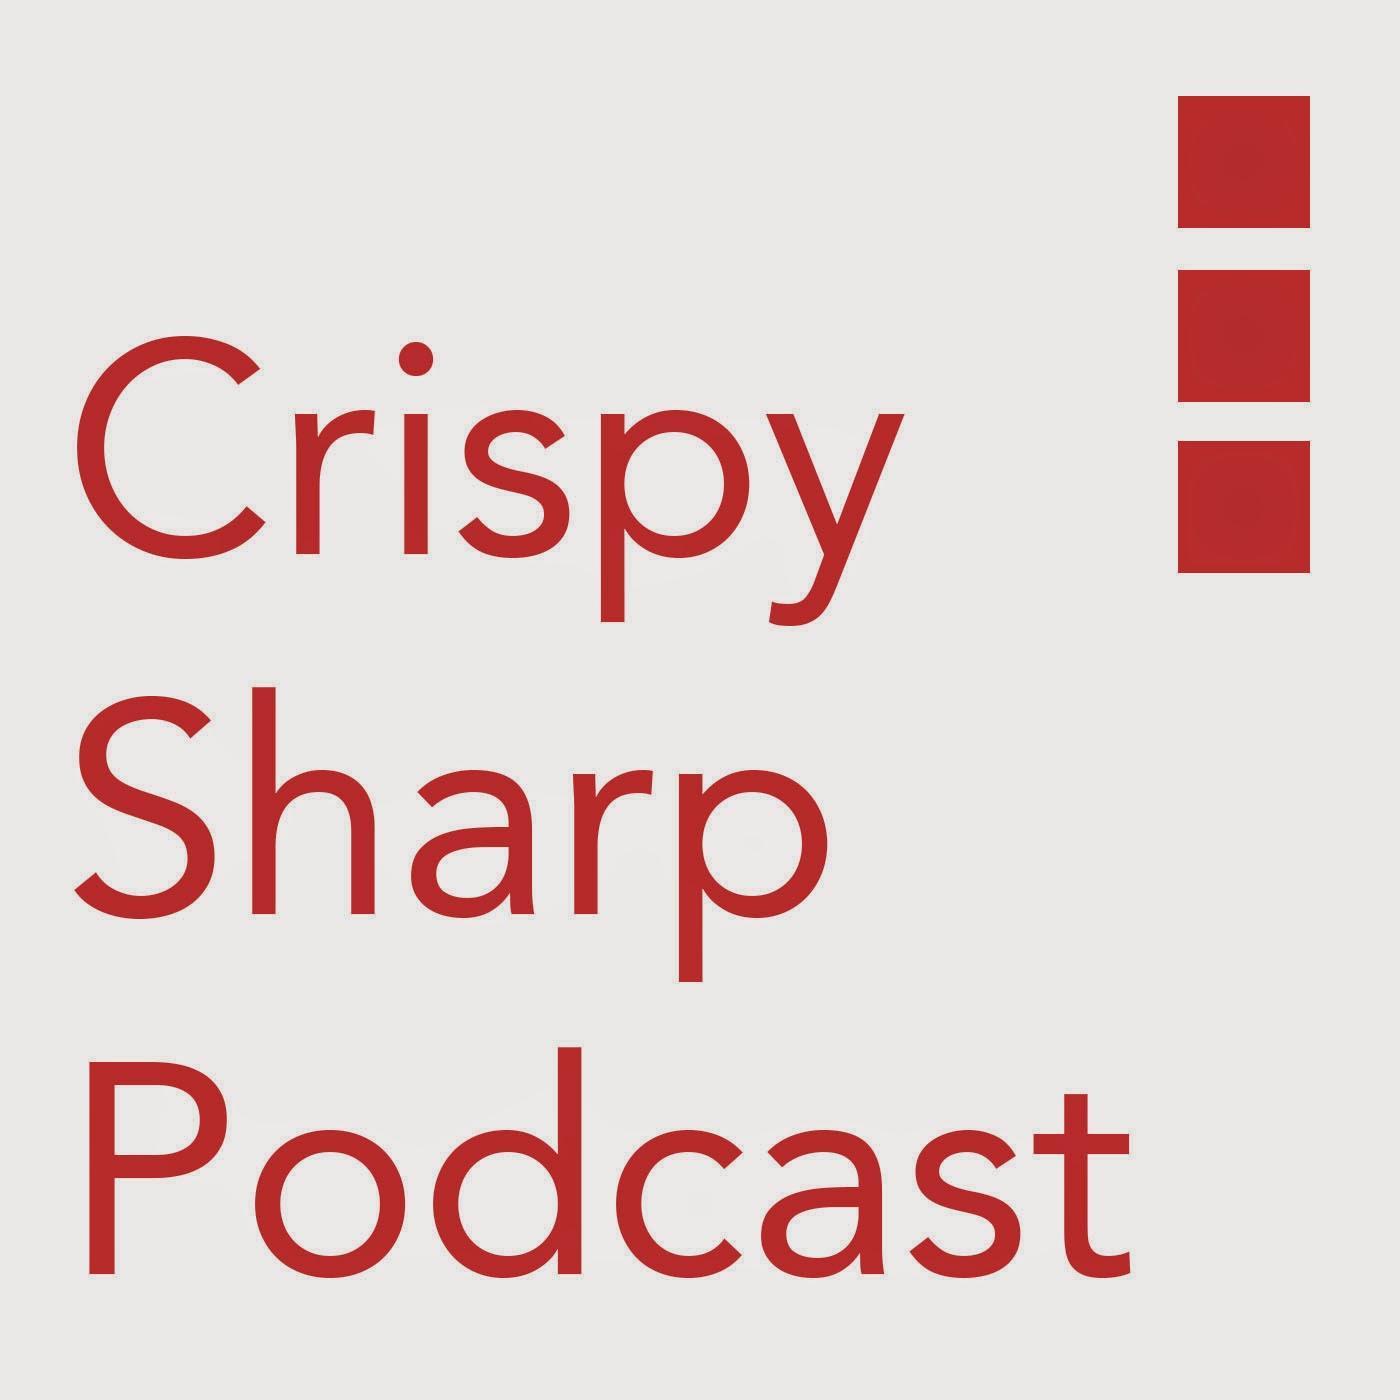 Crispy Sharp Podcast